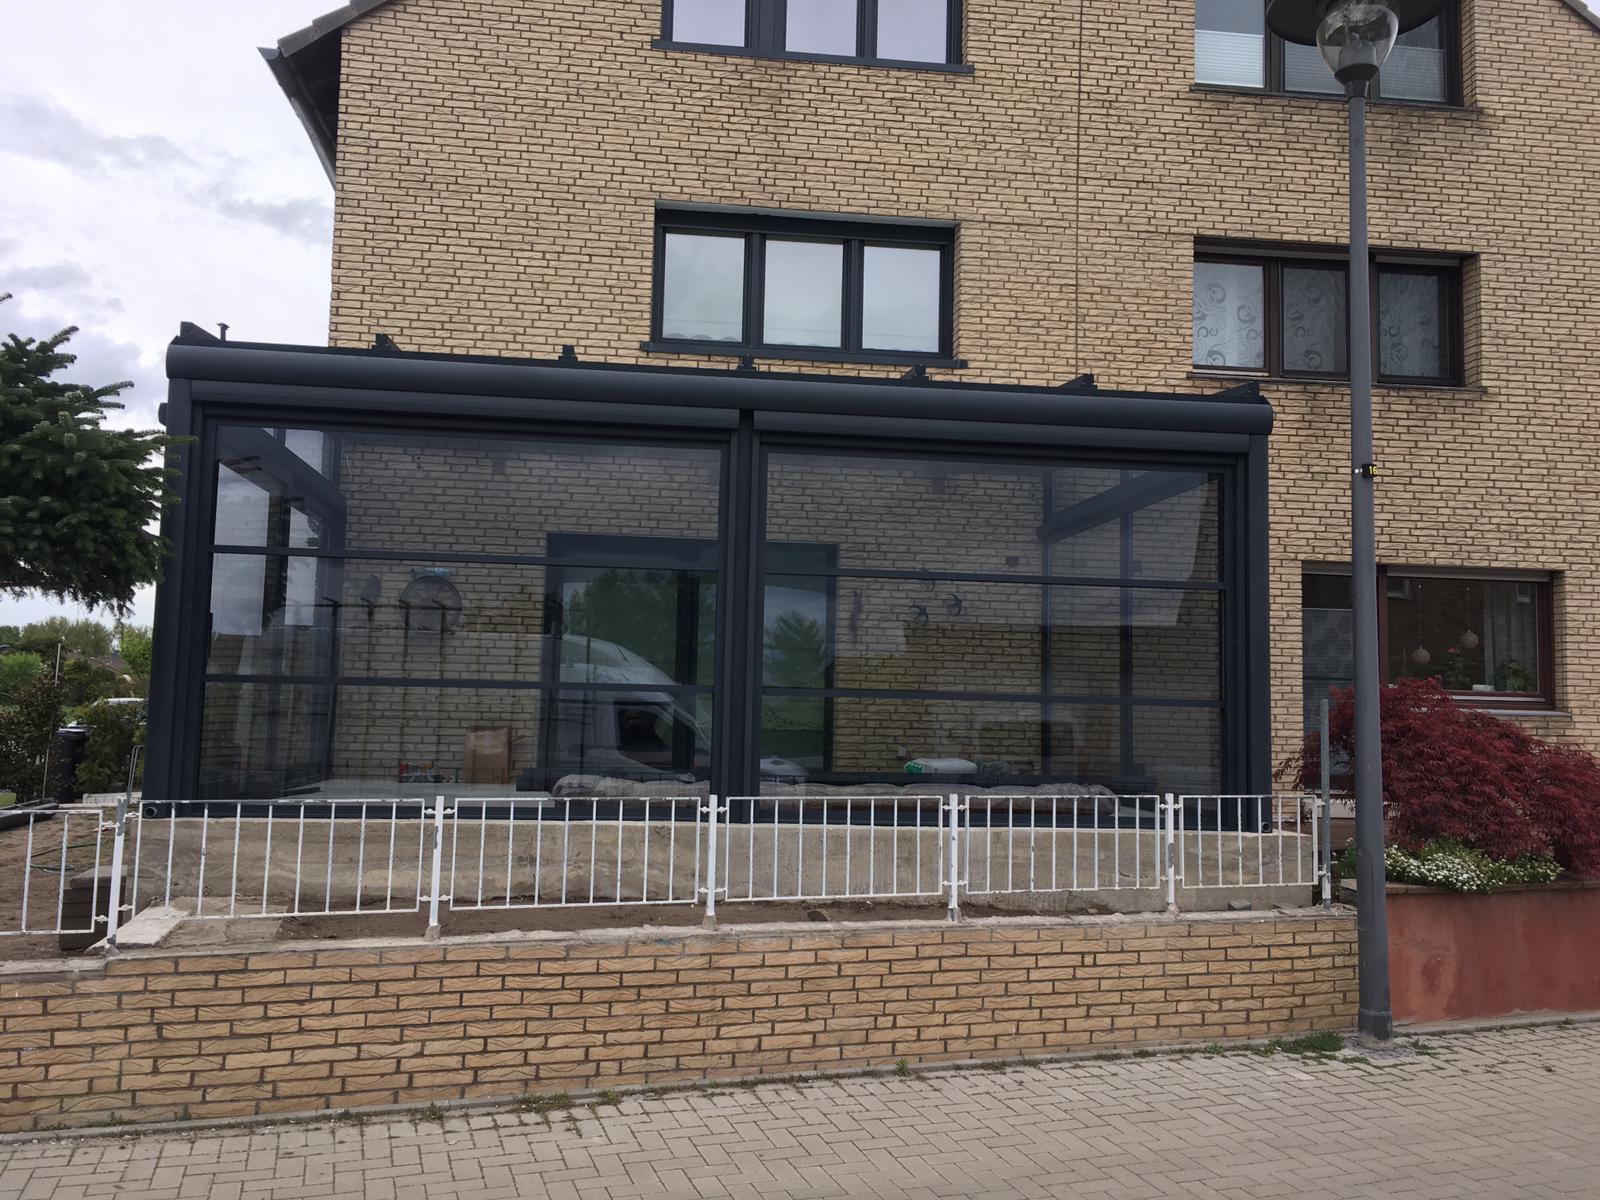 Terrassenüberdachung inkl. LED - Wintergarten - Referenz aus der Nähe von Köln